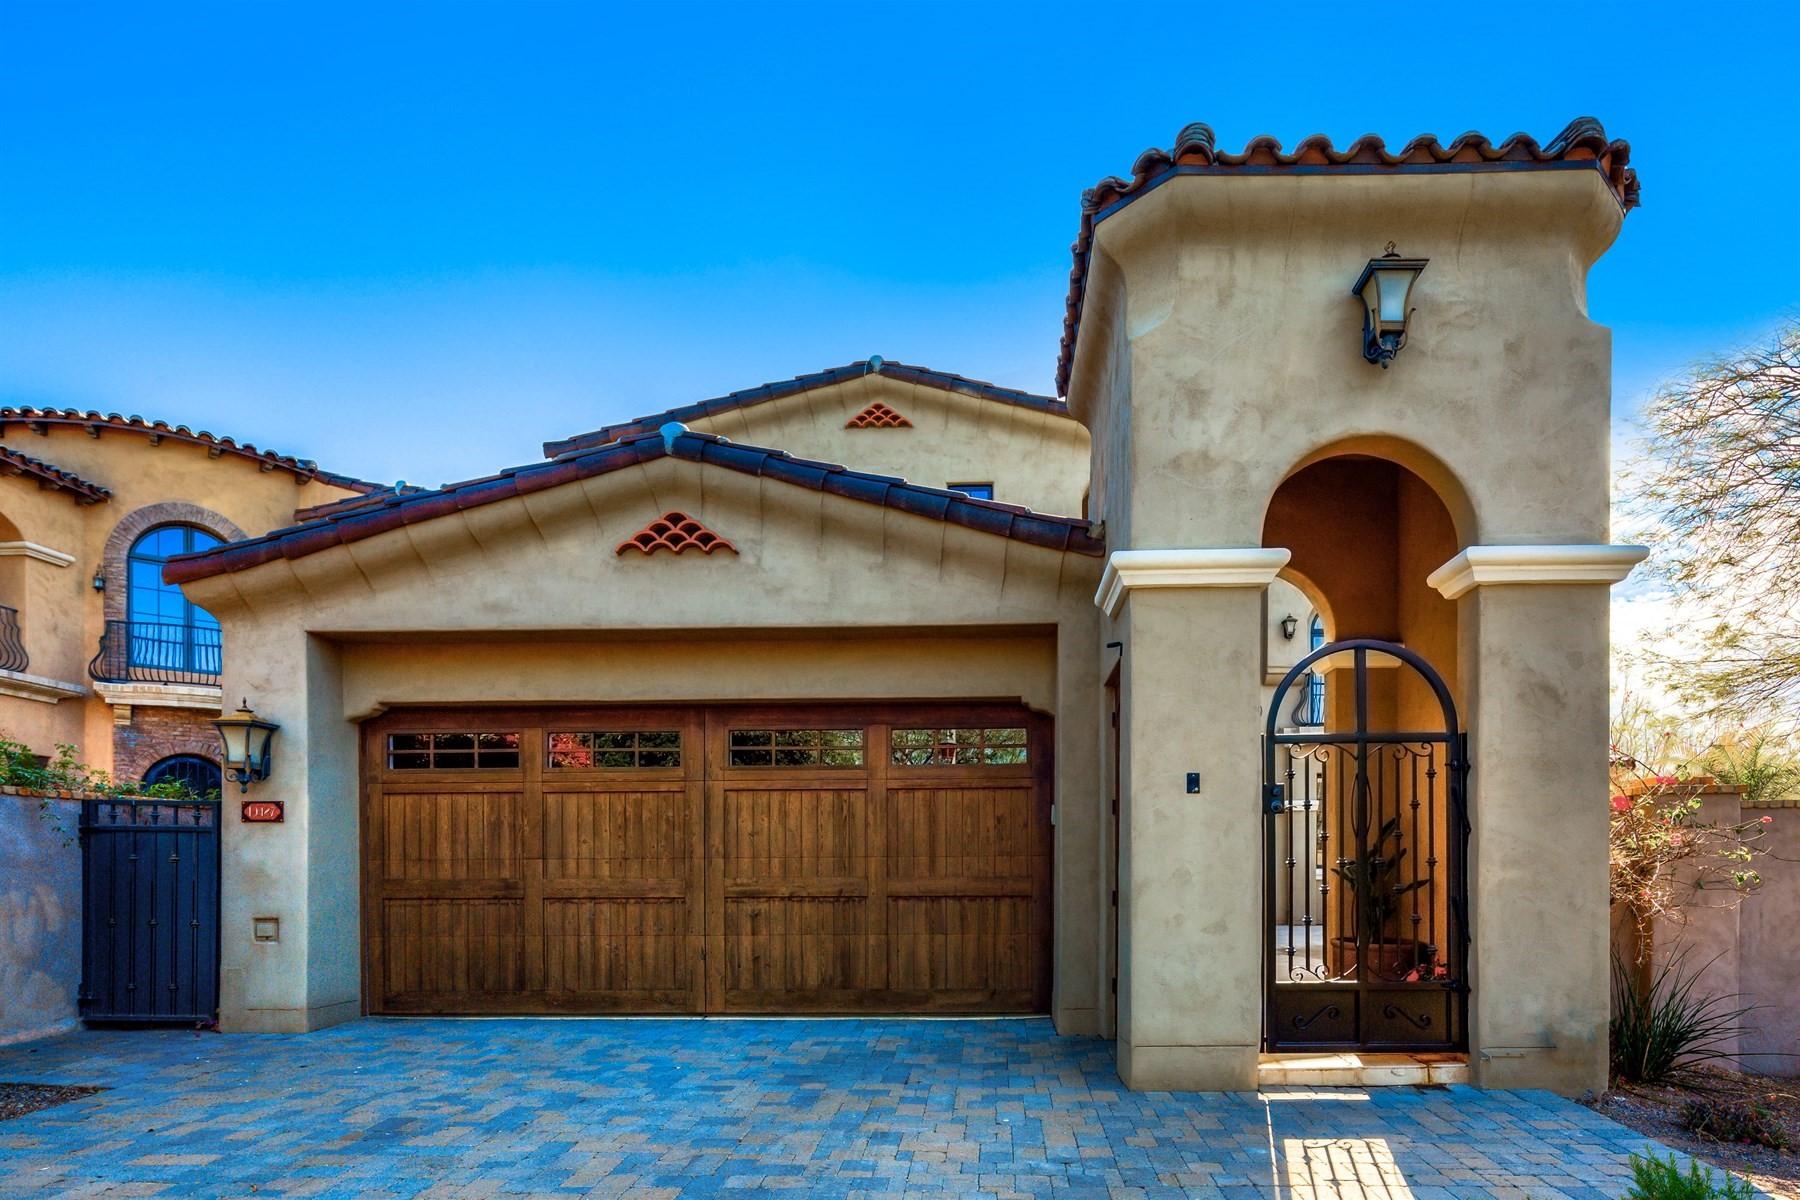 独户住宅 为 销售 在 Silverleaf at DC Ranch 19487 N 101st St, 斯科茨代尔, 亚利桑那州, 85255 美国